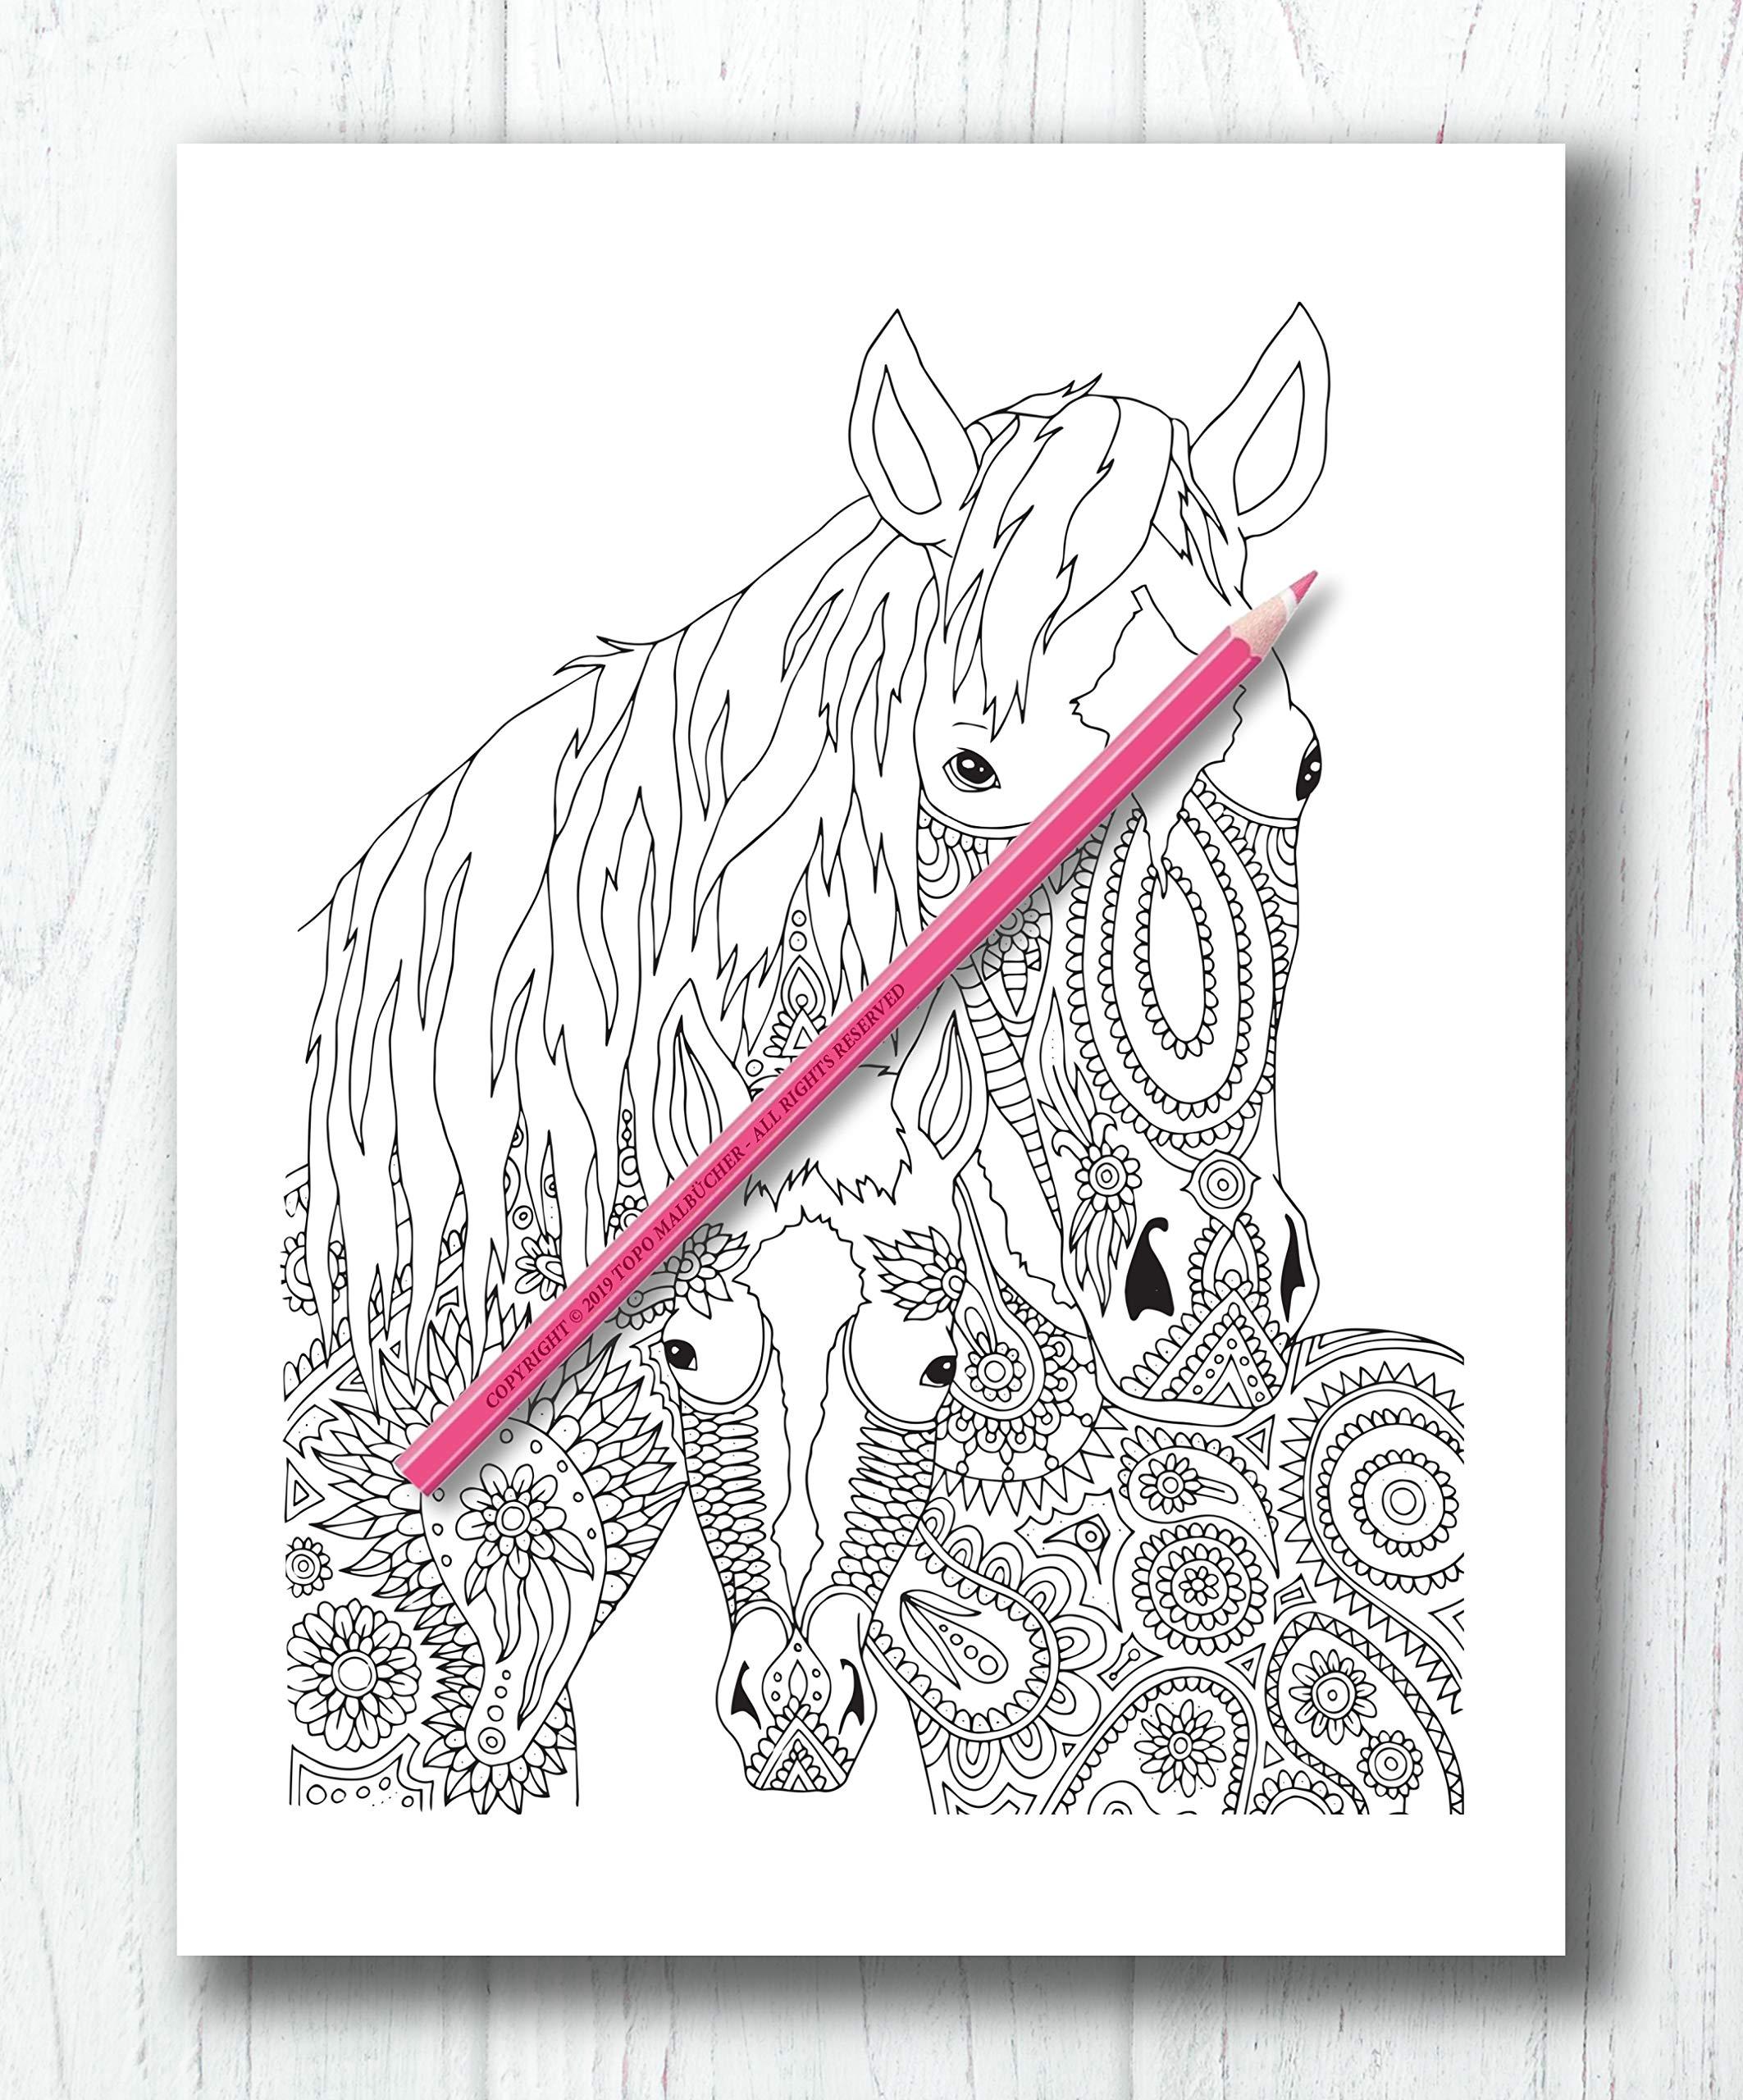 Pferde Malbuch Malbuch Fur Erwachsene Mit Traumhaften Pferdemotiven Bonus Mehr Als 60 Kostenlose Malvorlagen Zum Ausmalen Pdf Zum Ausdrucken Amazon De Malbucher Topo Bucher